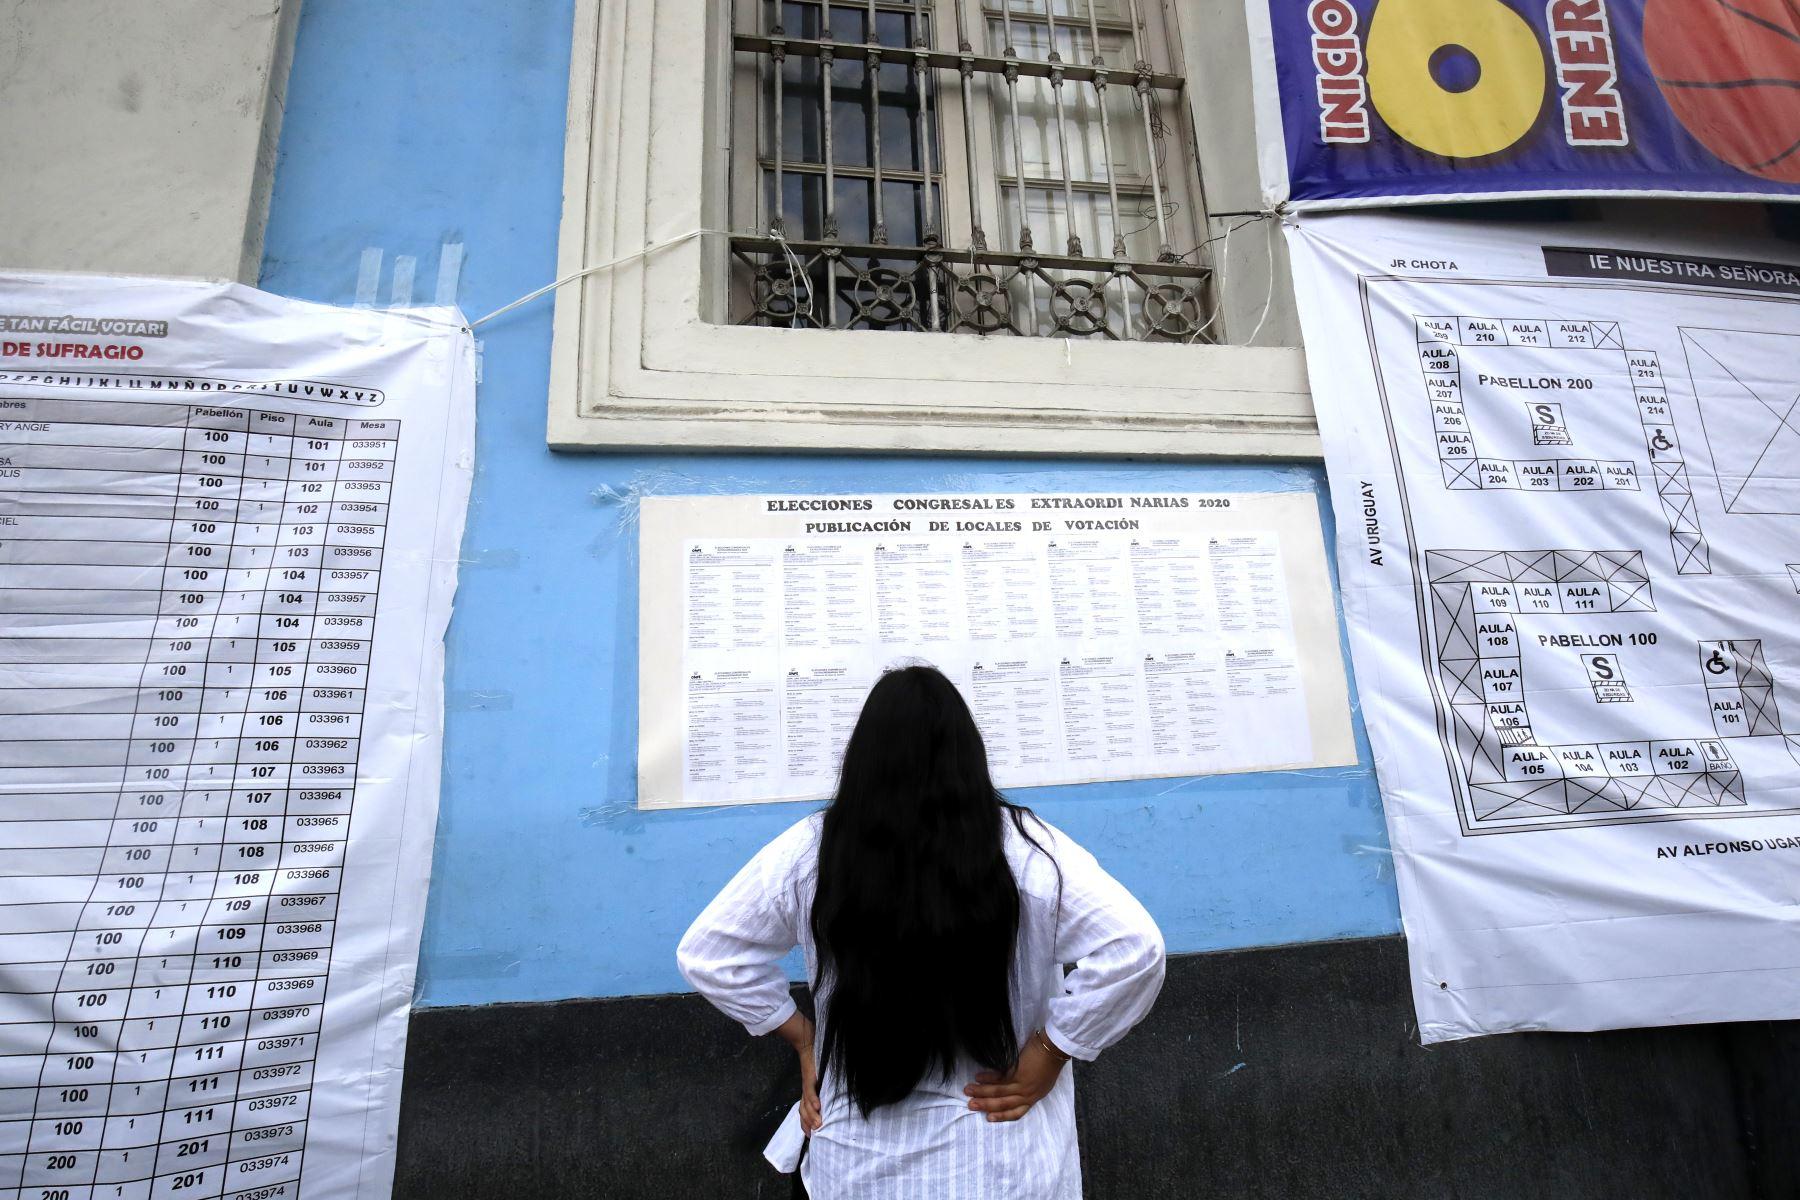 Primeros electores llegan a los centros educativos para emitir su voto en las Elecciones Congresales Extraordinarias 2020. Foto: ANDINA/Juan Carlos Guzmán.